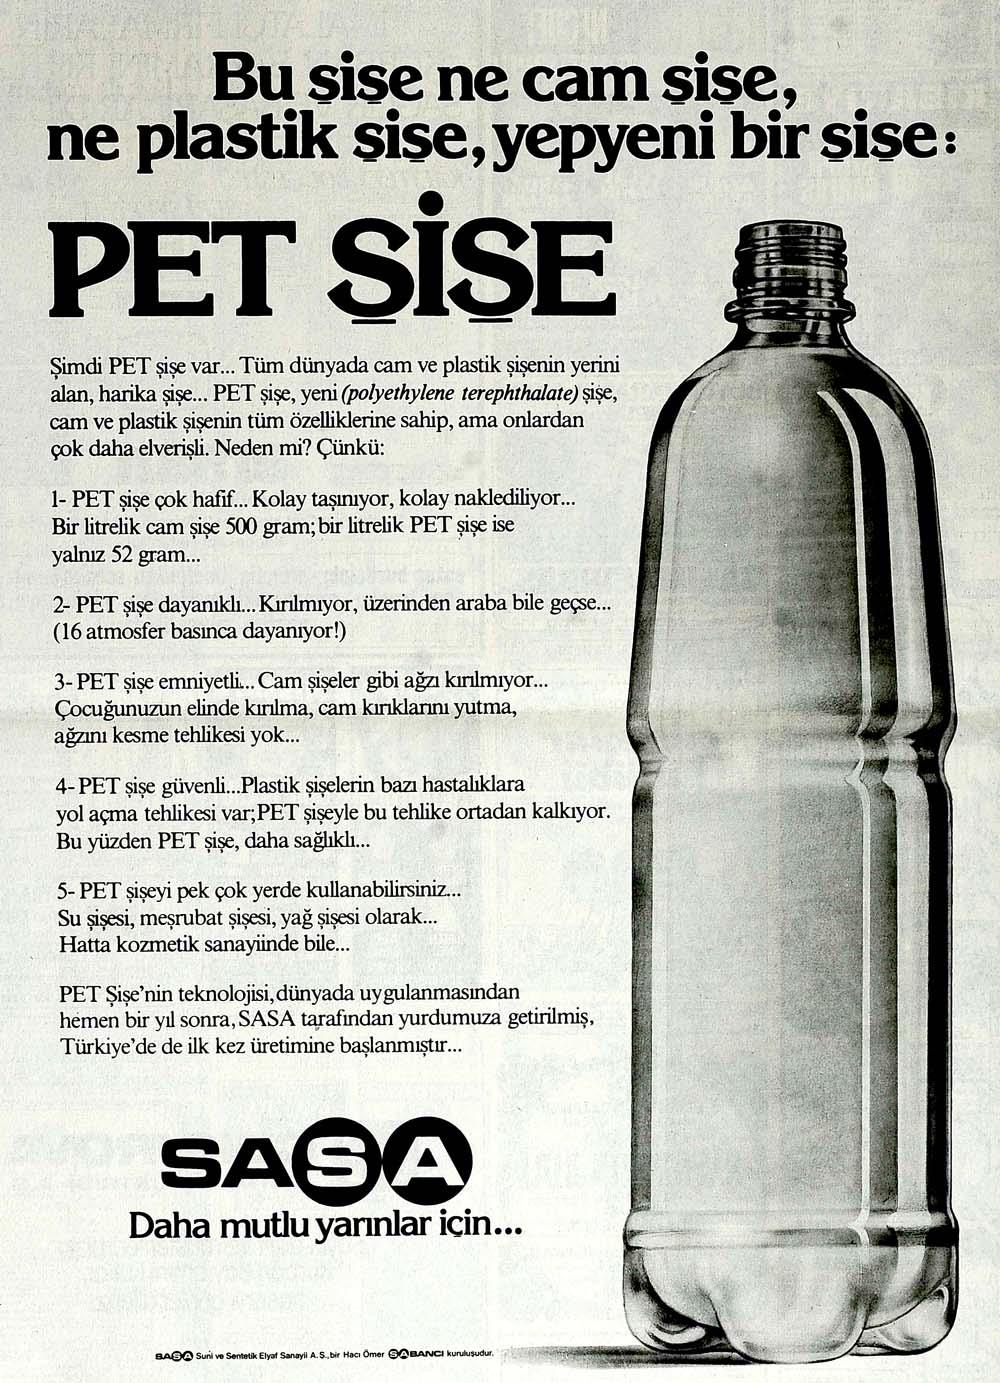 Yepyeni bir şişe: Pet Şişe